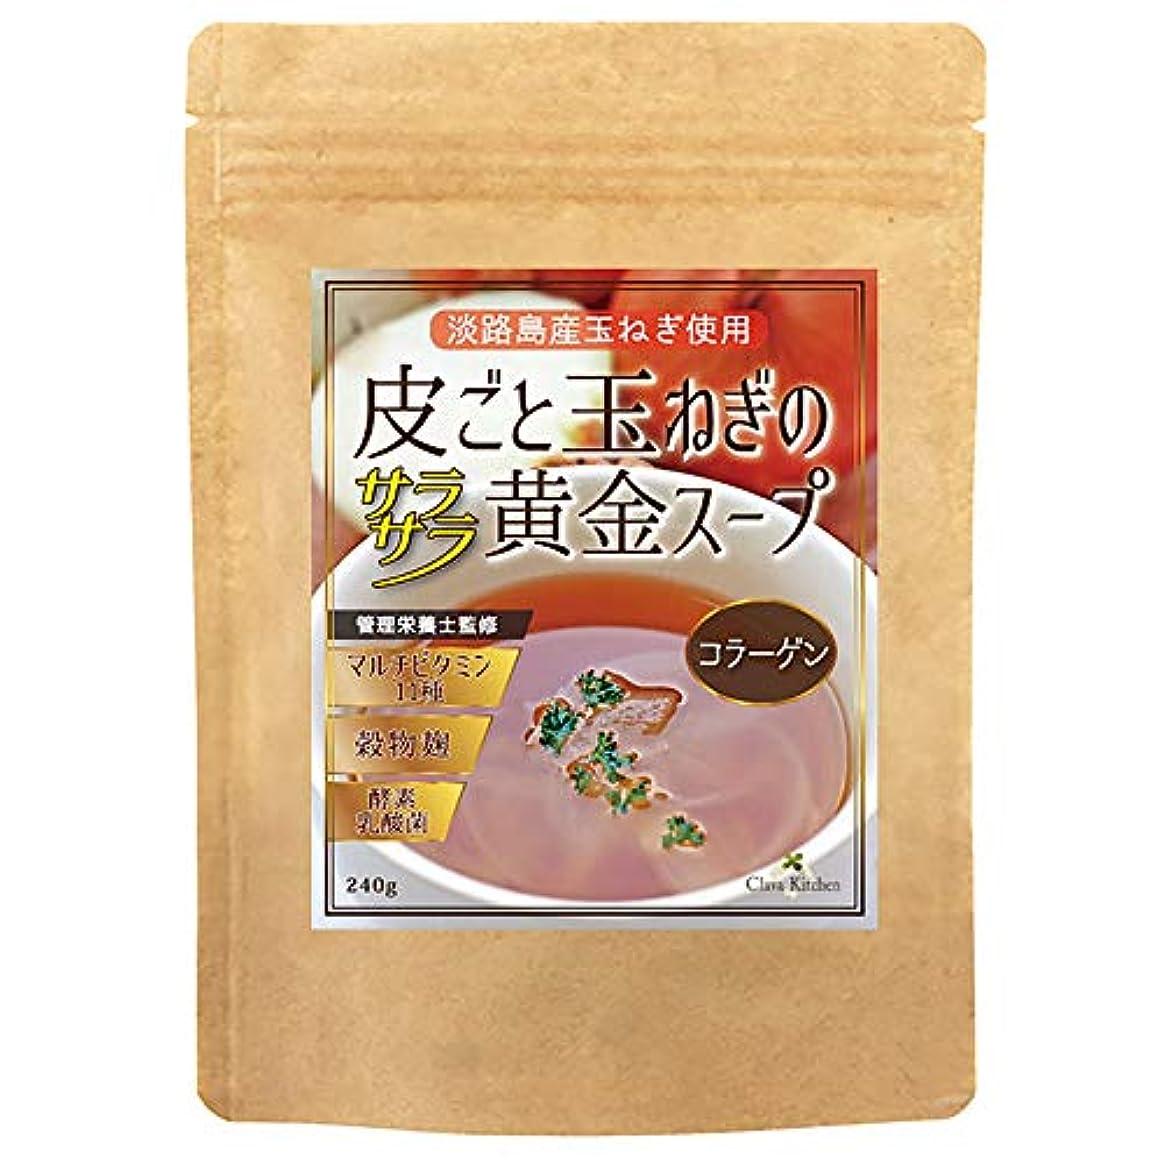 登録二年生名義で淡路島産玉ねぎ使用 皮ごと玉ねぎのサラサラ黄金スープ